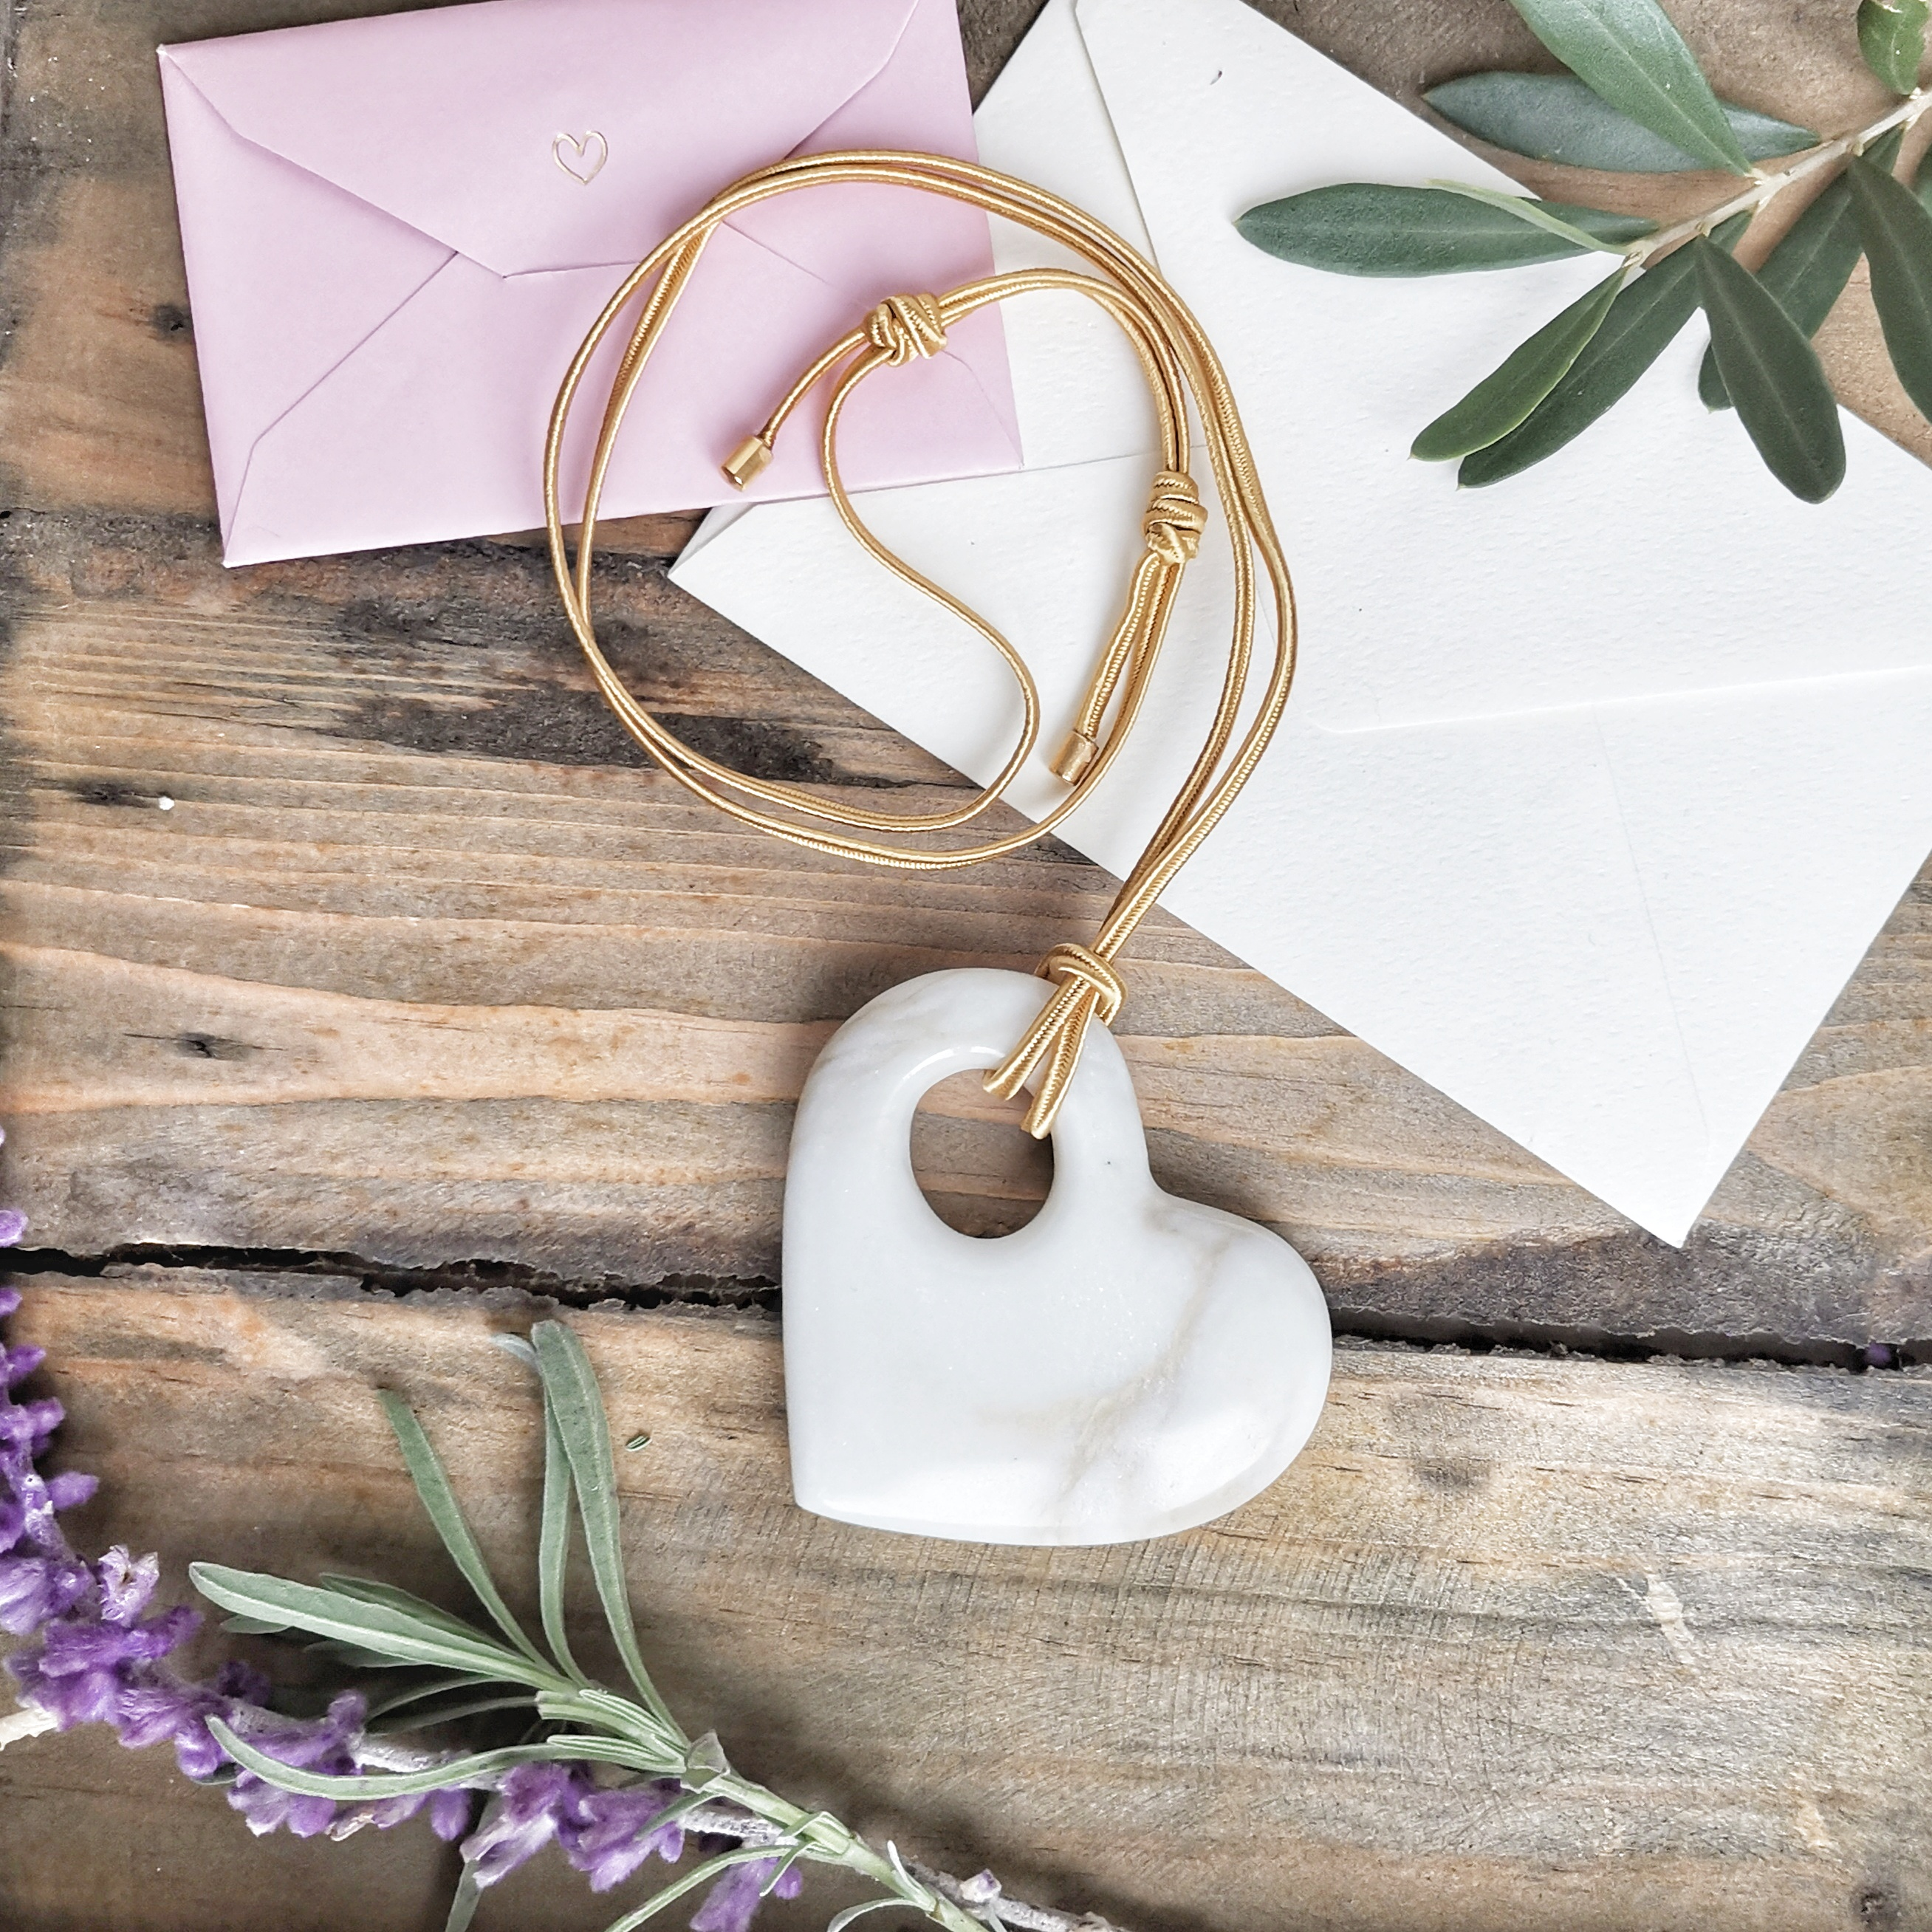 Marble Bijoux, gioielli in marmo sostenibili made in Carrara - cuore di Calacatta